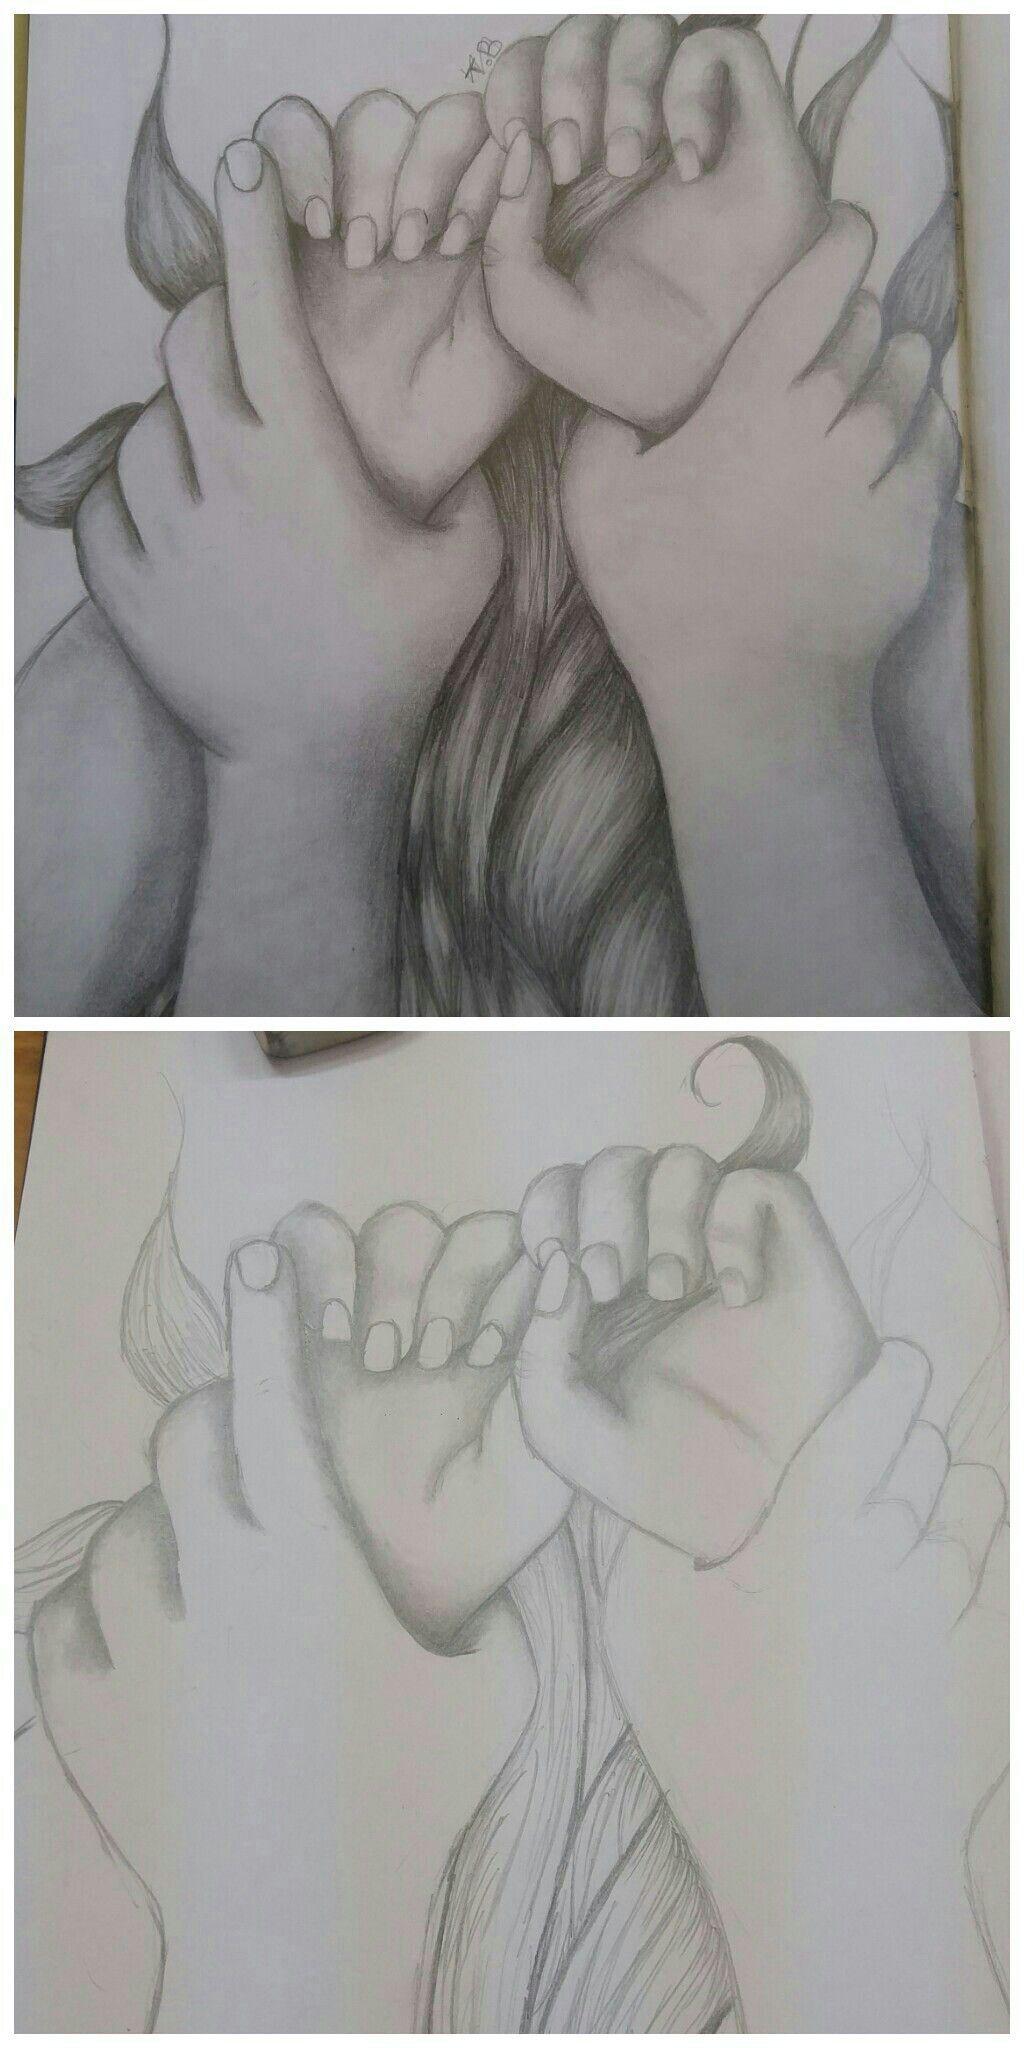 Mi Dibujo Dibujos Tristes A Lapiz Pintura De Amor Dibujos Romanticos A Lapiz